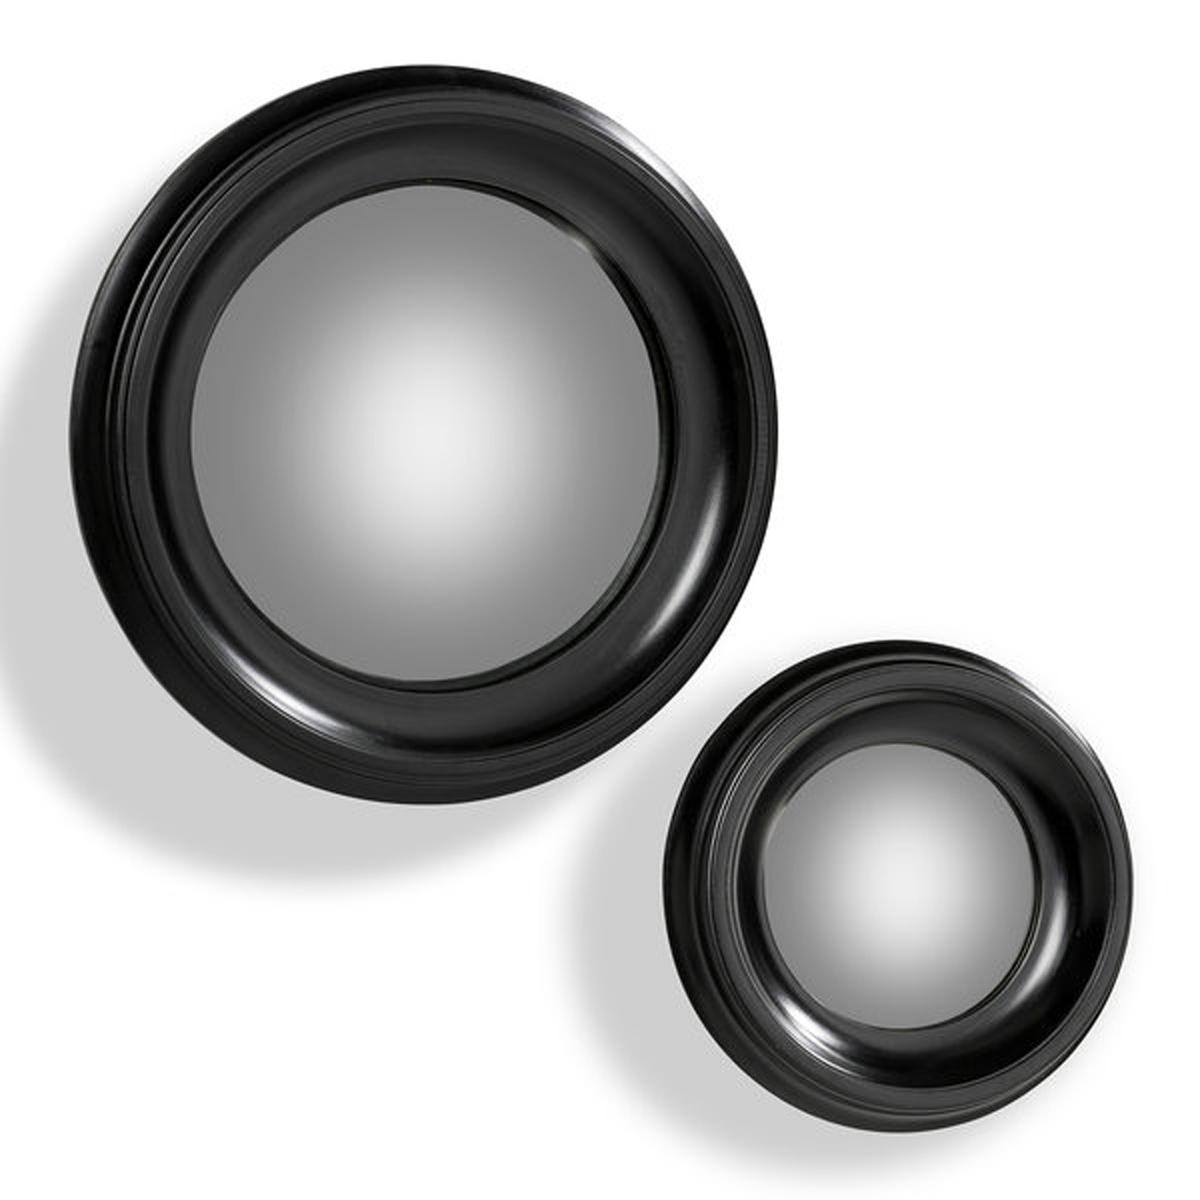 Зеркало Habel с черной рамой, диаметр 40 смЗеркало с выпуклым алюминиевым стеклом наделит Вас магической силойРама из МДФ, лакированная отделка черного цвета.Крепление на стену с помощью врезанного металлического люверса.Диаметр 40 см.<br><br>Цвет: черный<br>Размер: единый размер